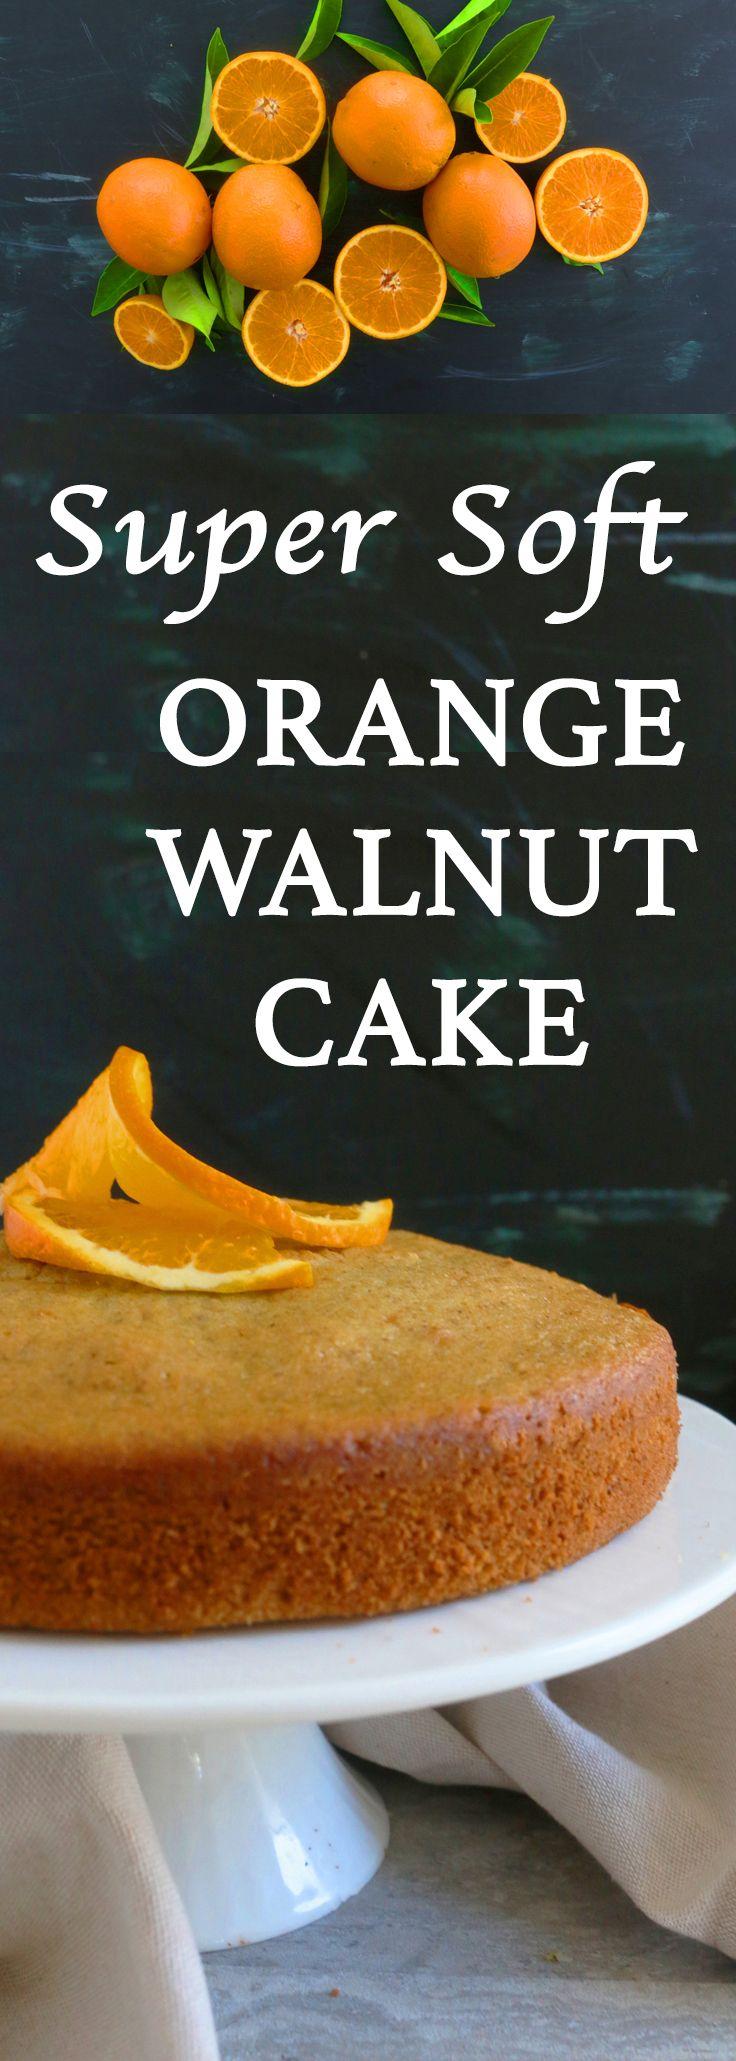 simple cake | plain cake | coffee cakes | orange cake | walnut cake | soft cake | orange recipes | cake recipes